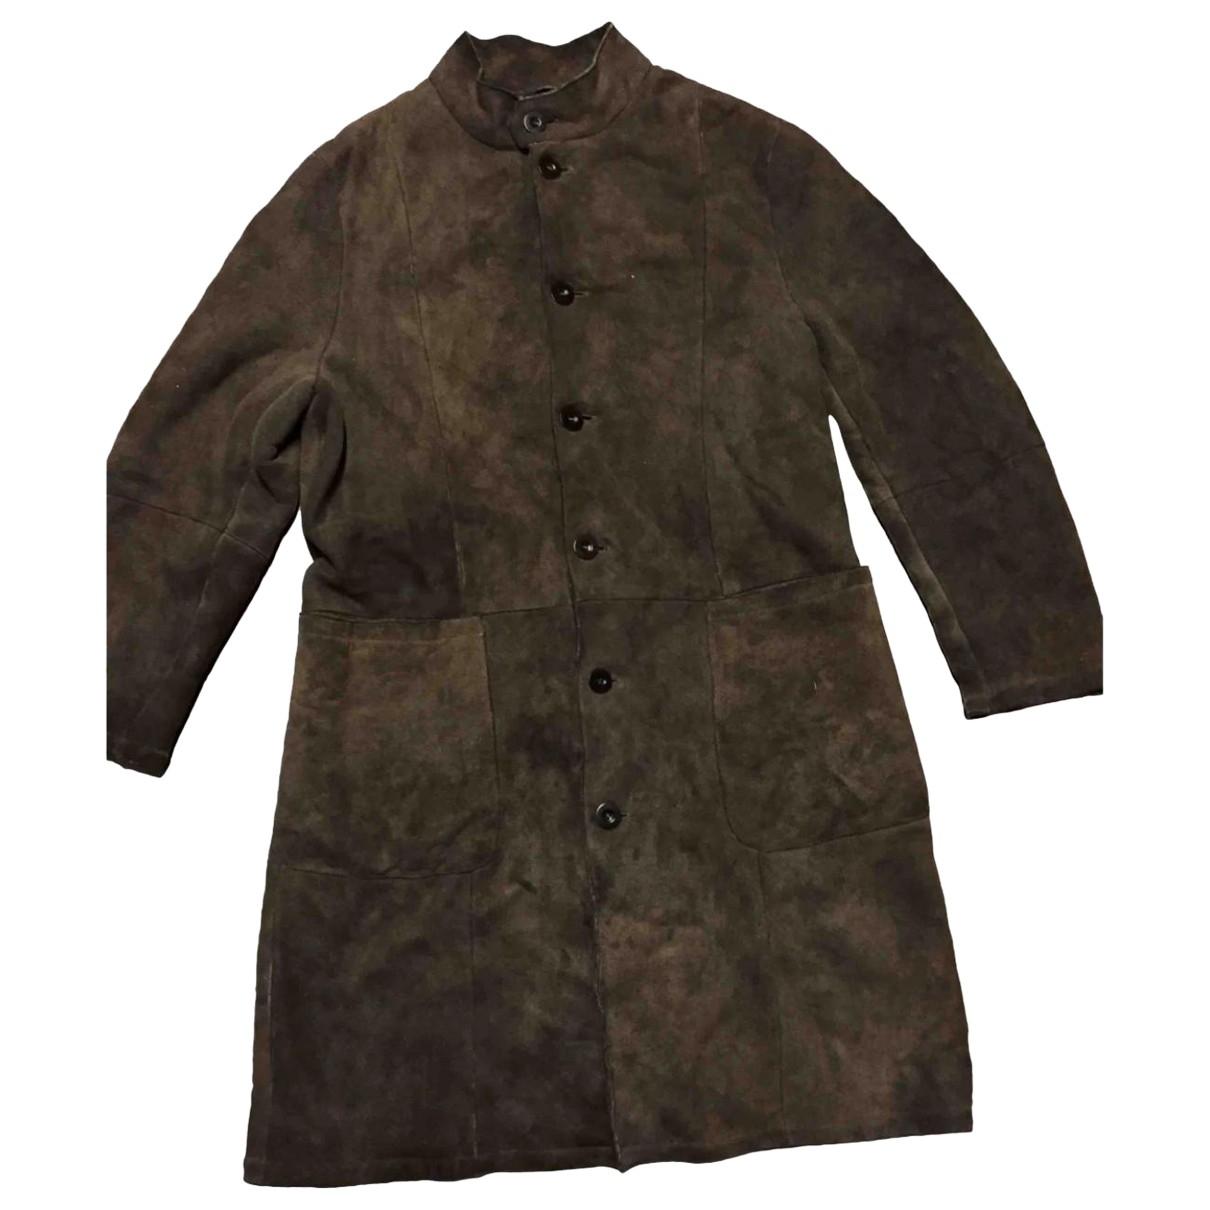 Giorgio Armani - Manteau   pour homme en mouton - marron